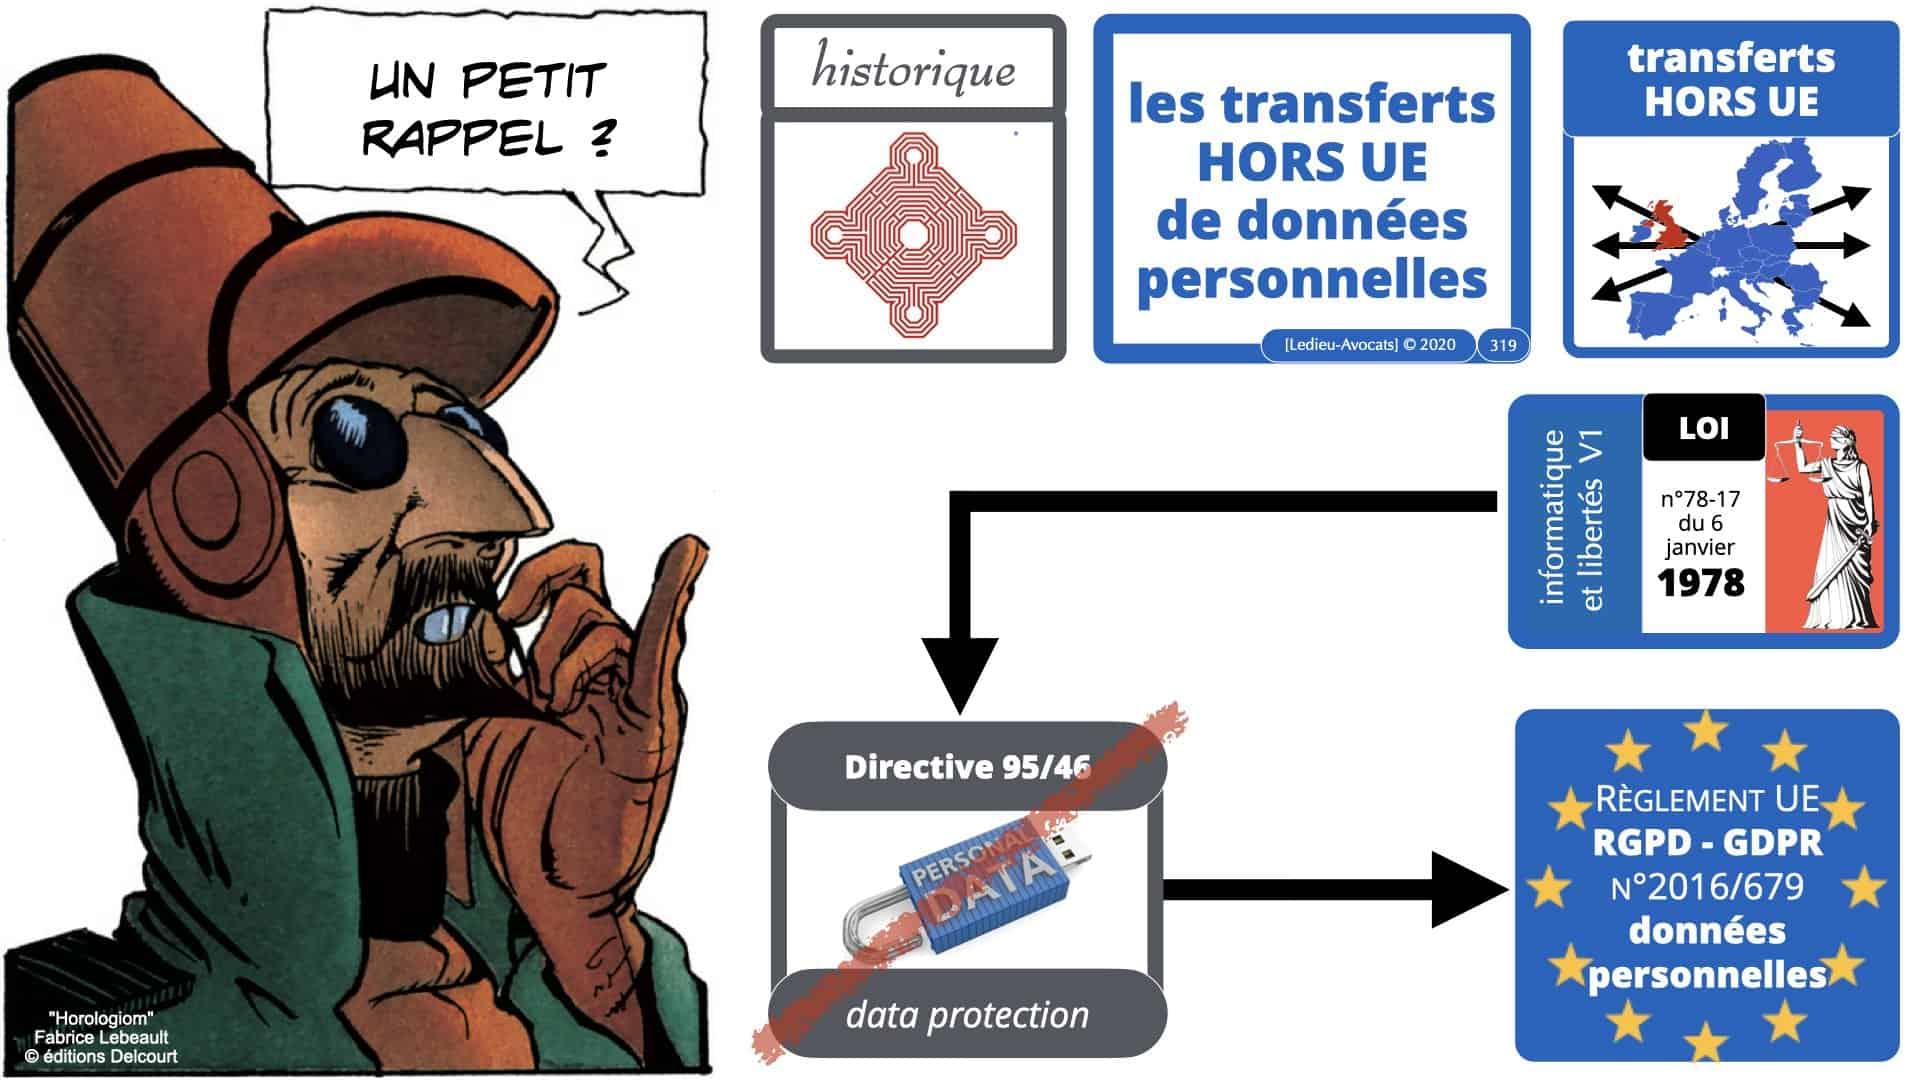 RGPD e-Privacy données personnelles jurisprudence formation Lamy Les Echos 10-02-2021 ©Ledieu-Avocats.319